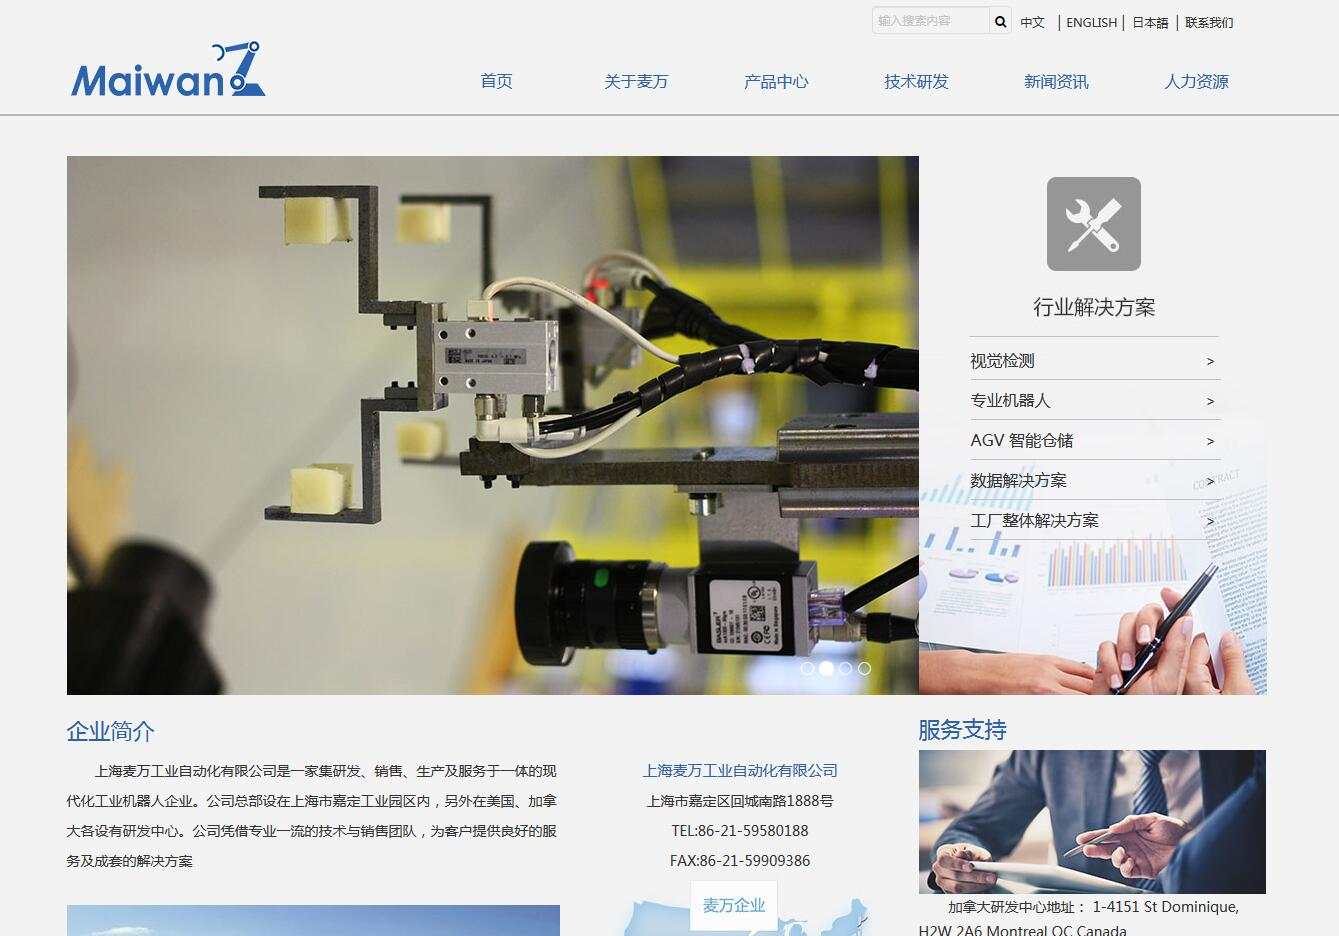 上海麦万工业自动化有限公司米乐m6下载页面案例